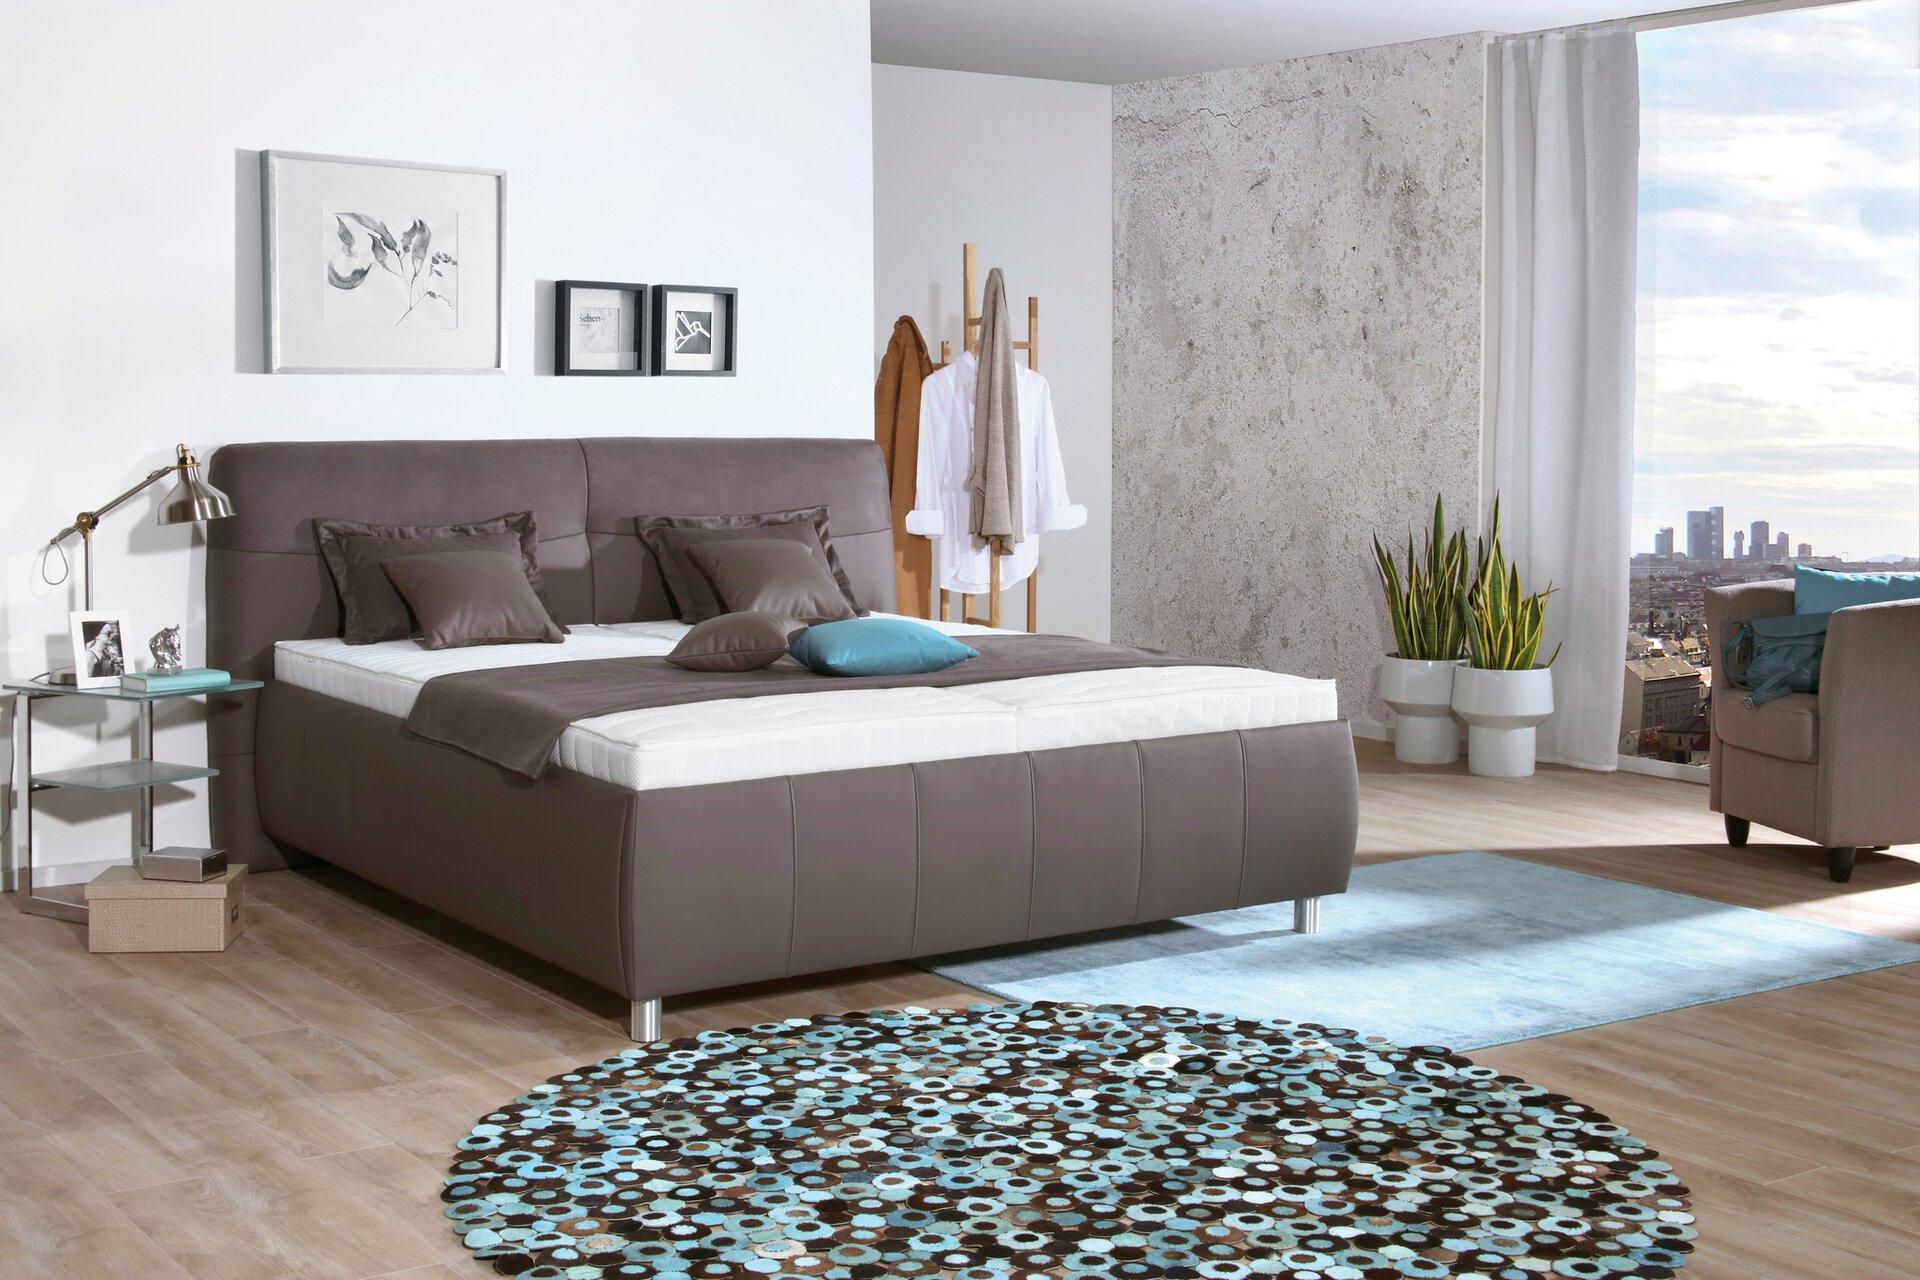 Polsterbett PALLAS Vito Textil 2 x 1 x 2 cm